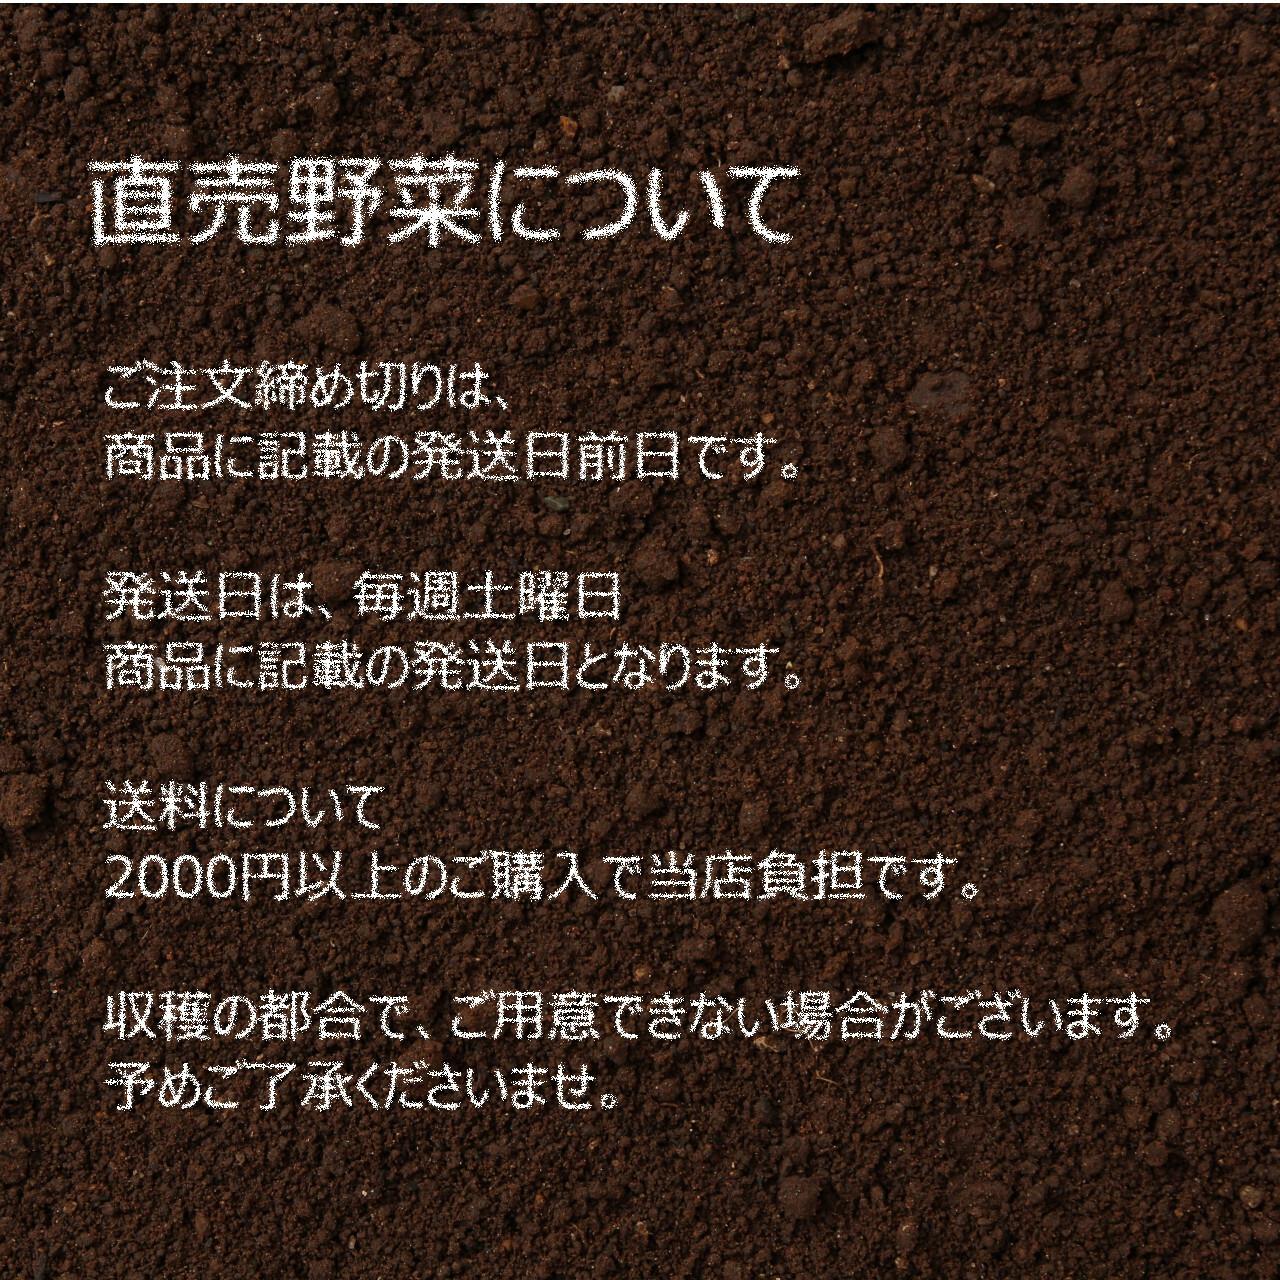 新鮮な秋野菜 : ネギ 3~4本 10月の朝採り直売野菜 10月26日発送予定